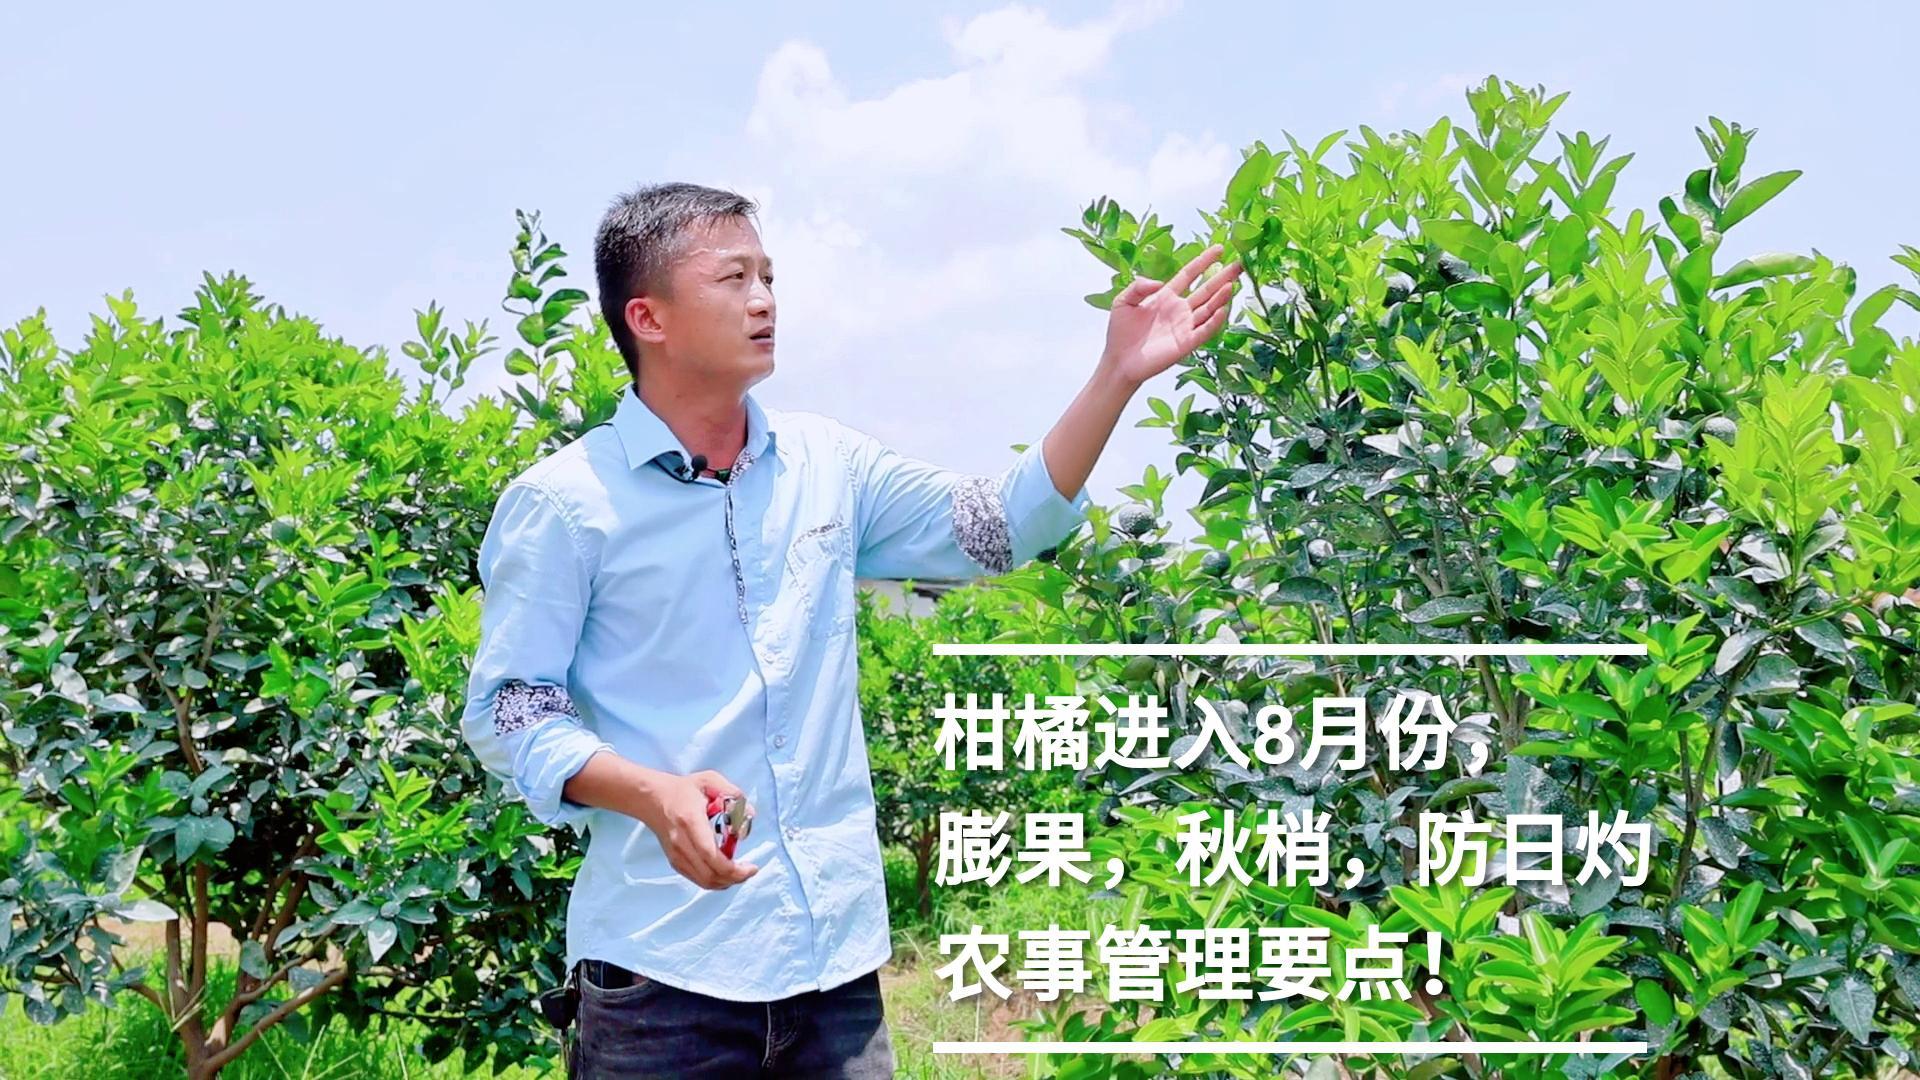 柑橘进入8月份,膨果、秋梢以及防日灼病虫害,应该如何管理?